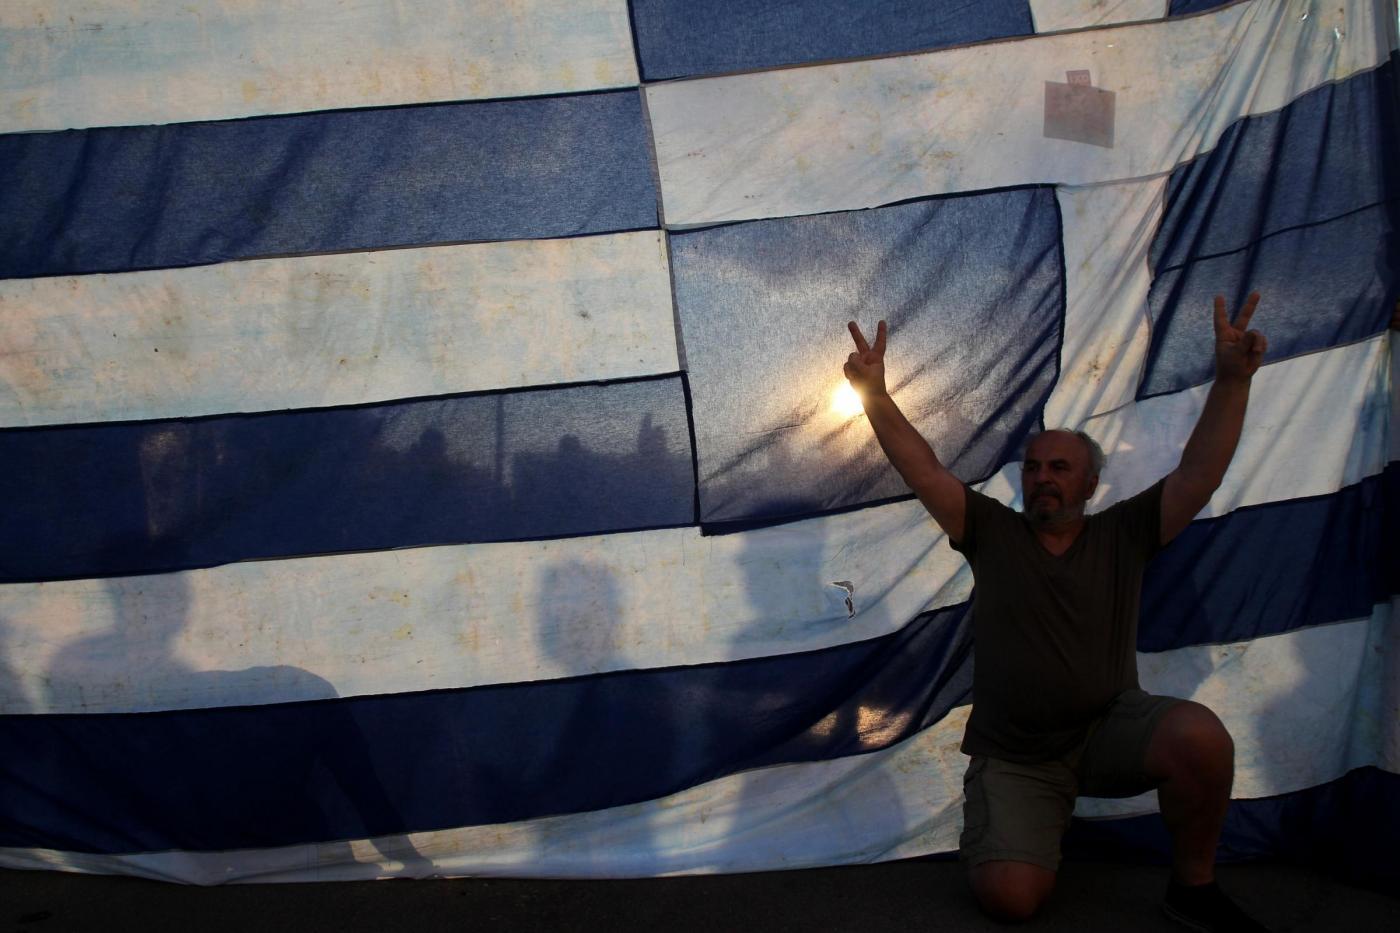 Crowdfunding per la Grecia: a cosa serve la raccolta fondi online per saldare il debito greco?